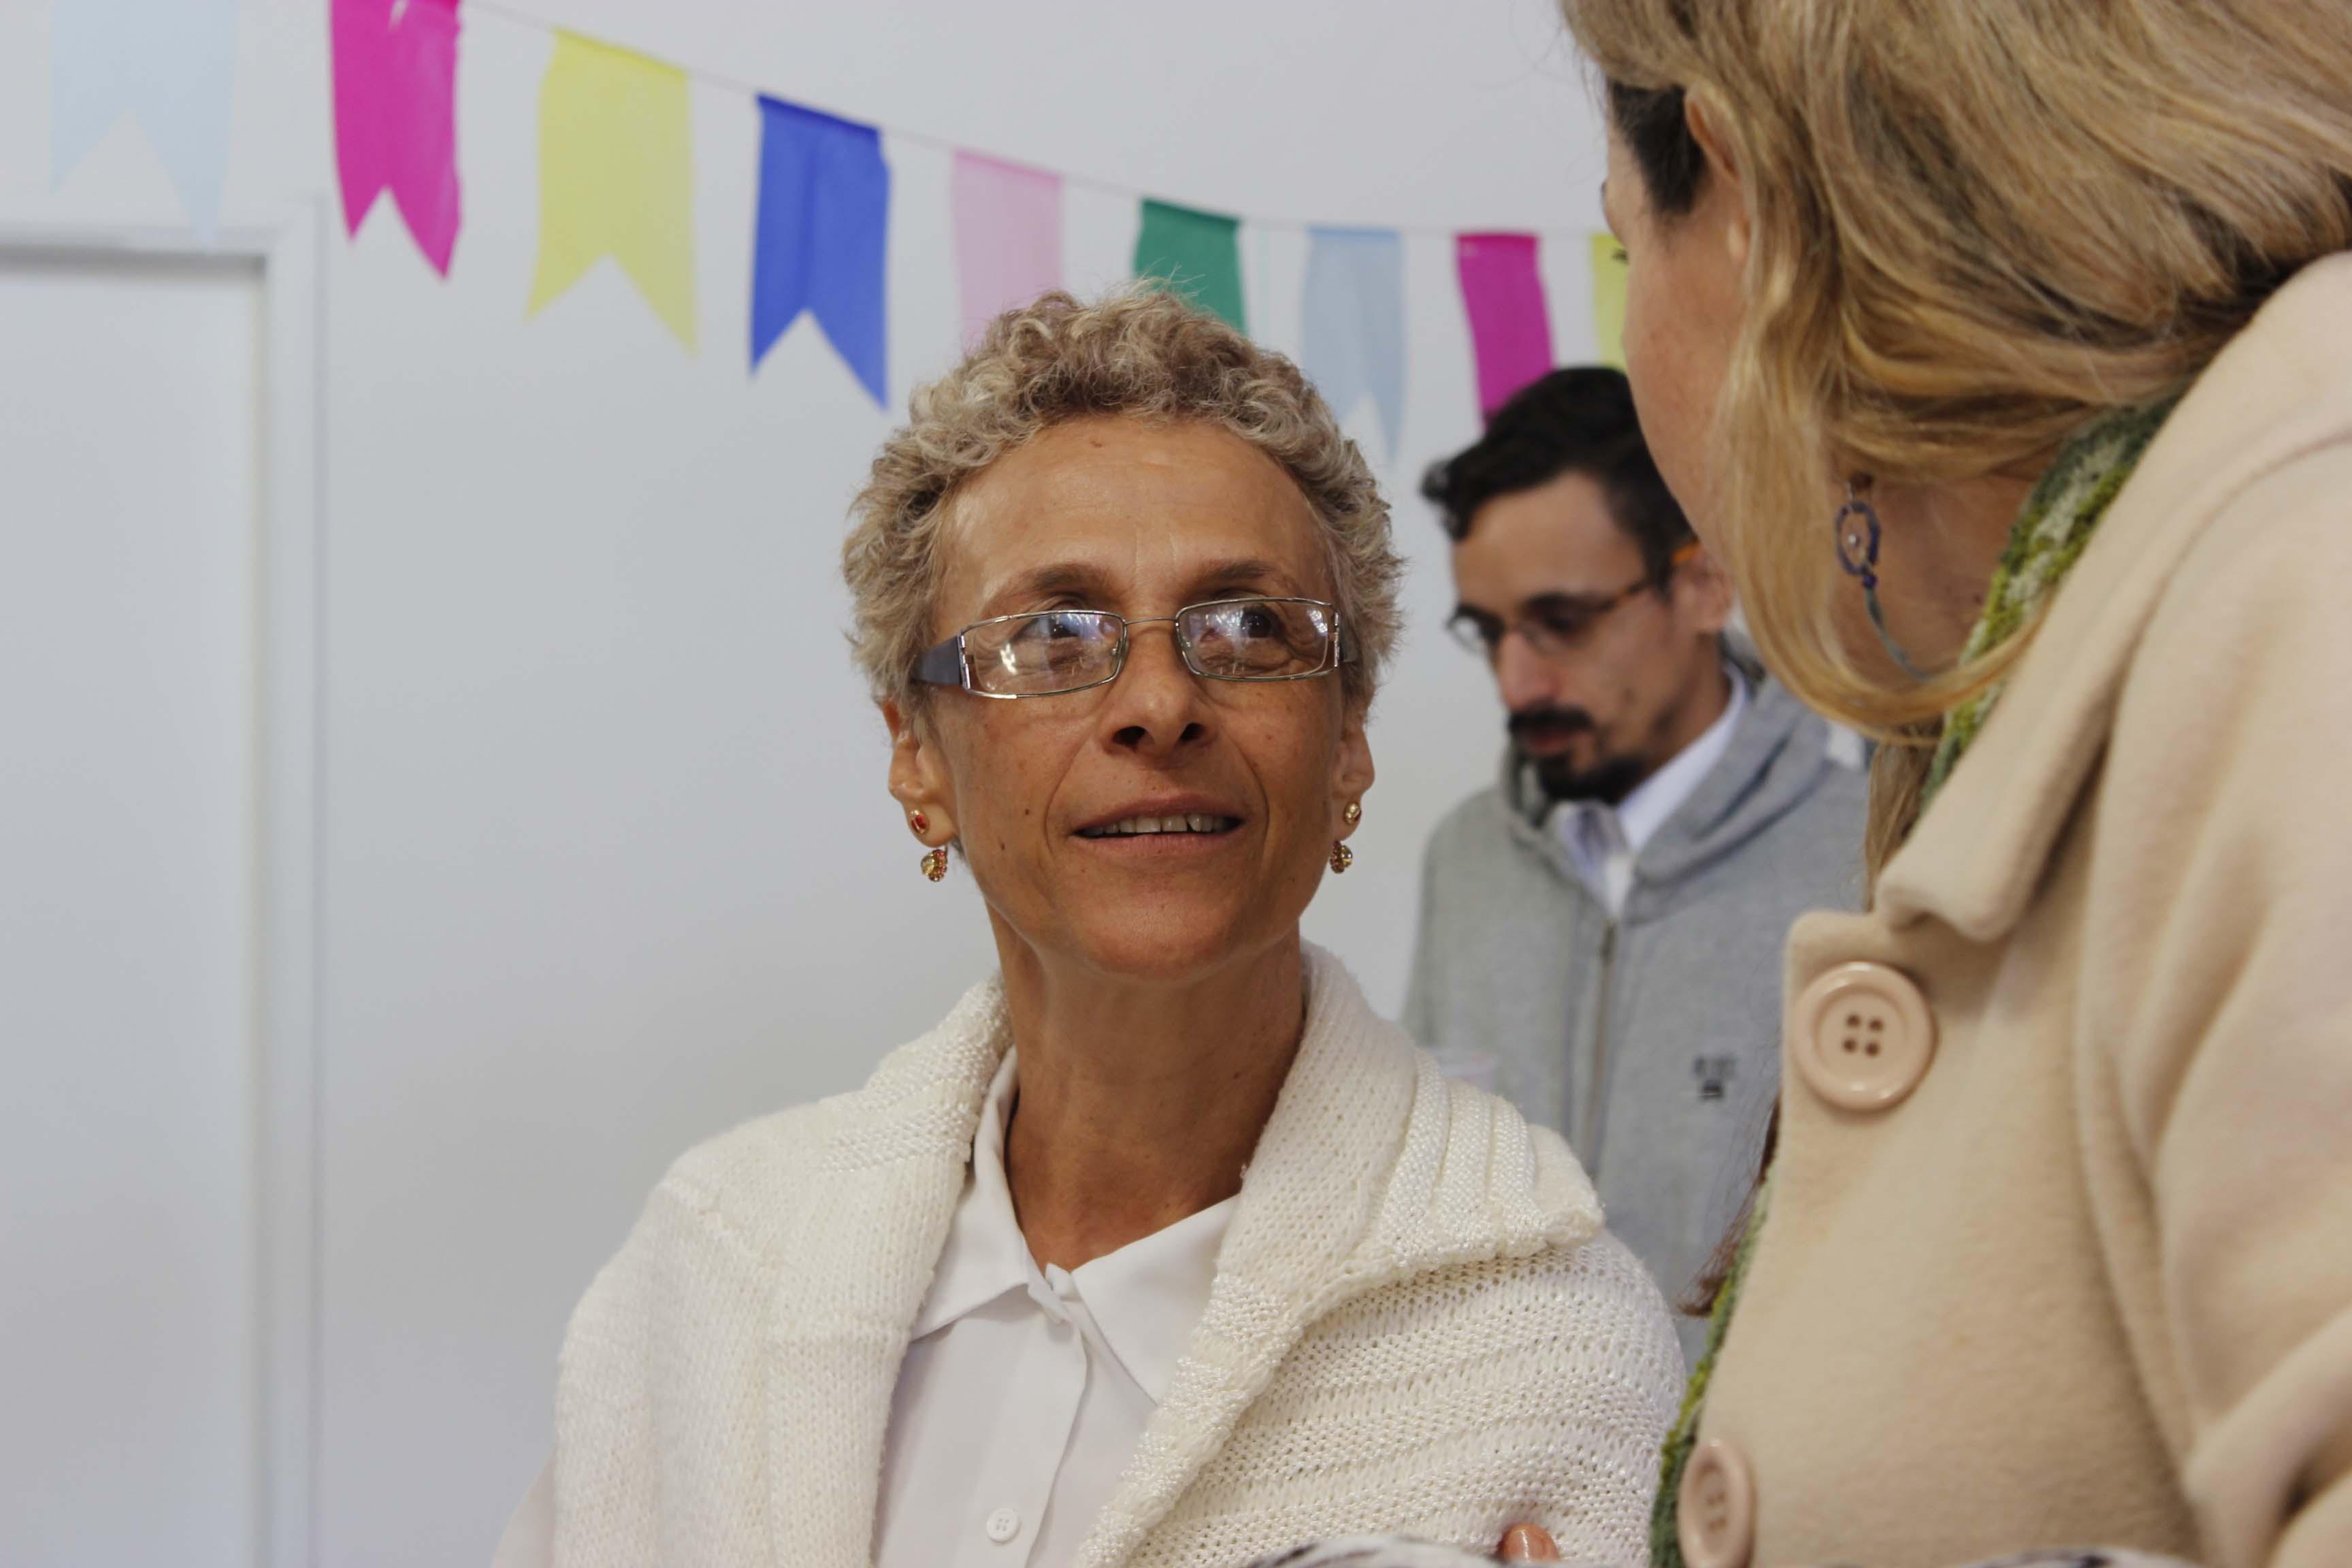 Festejos_de_São_João_2015_-_foto_Camila_Benez_-_02.jpg